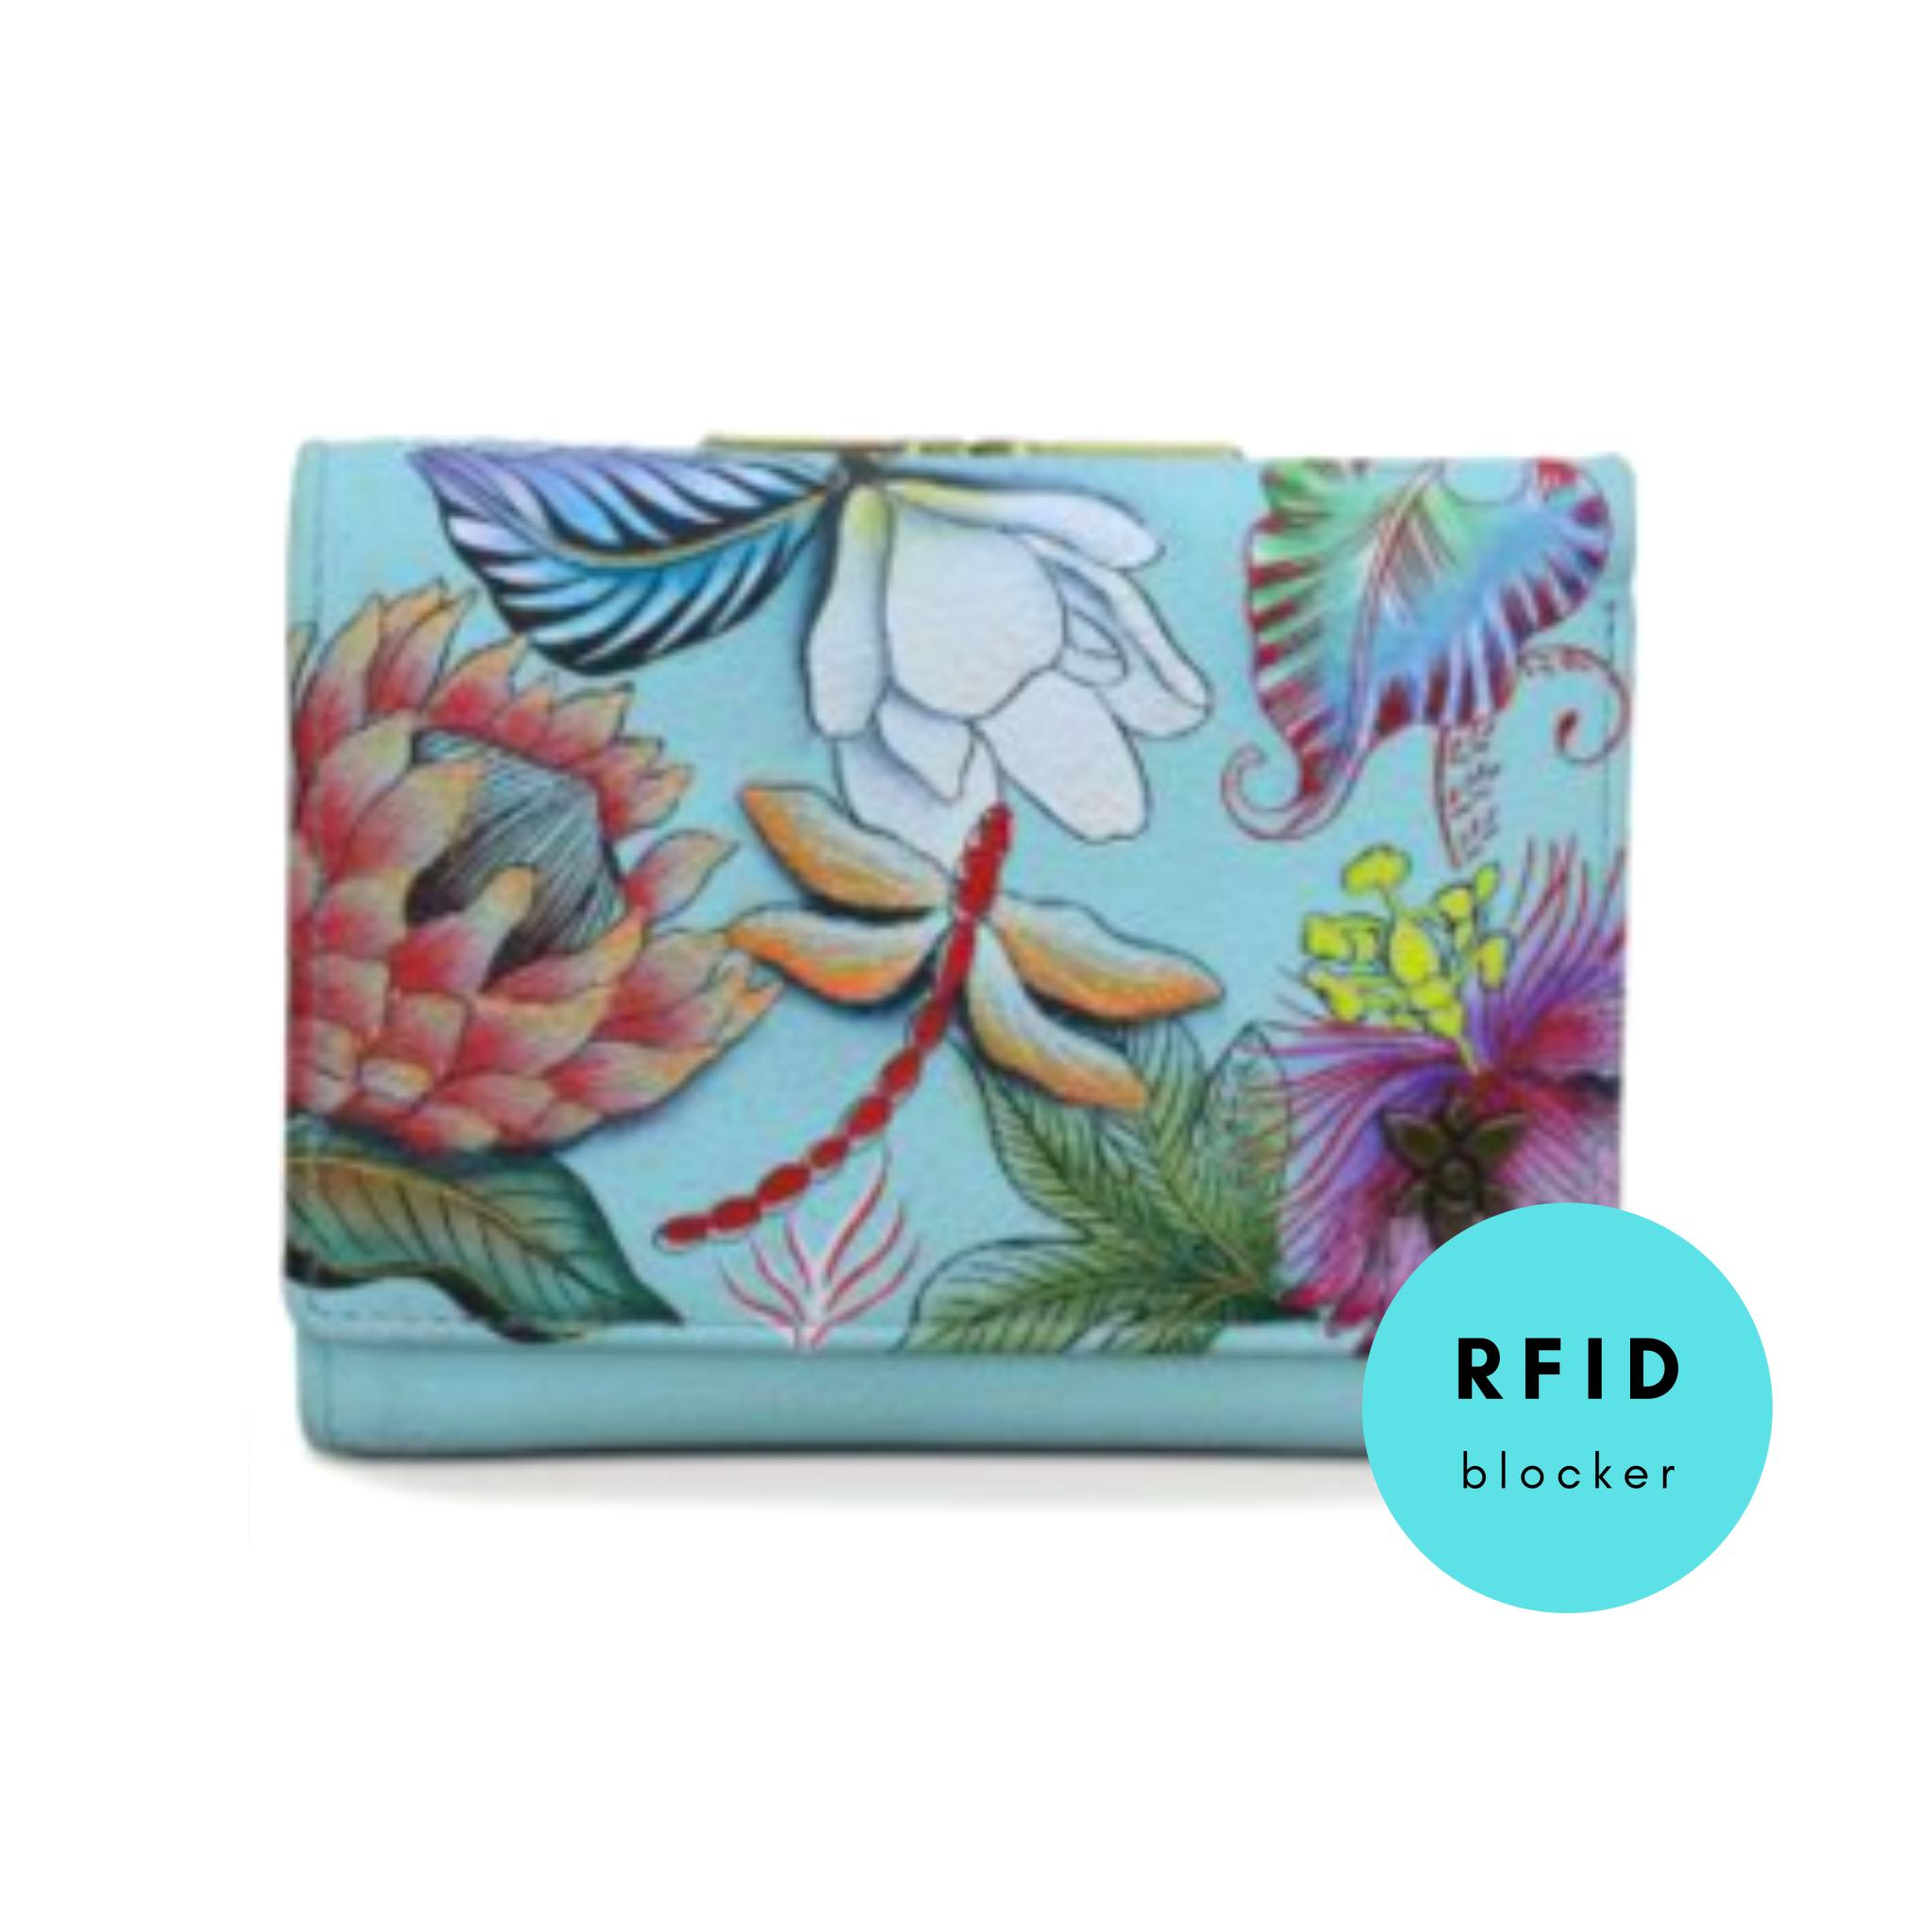 Anuschka small triple fold wallet with RFID 1138 jrd